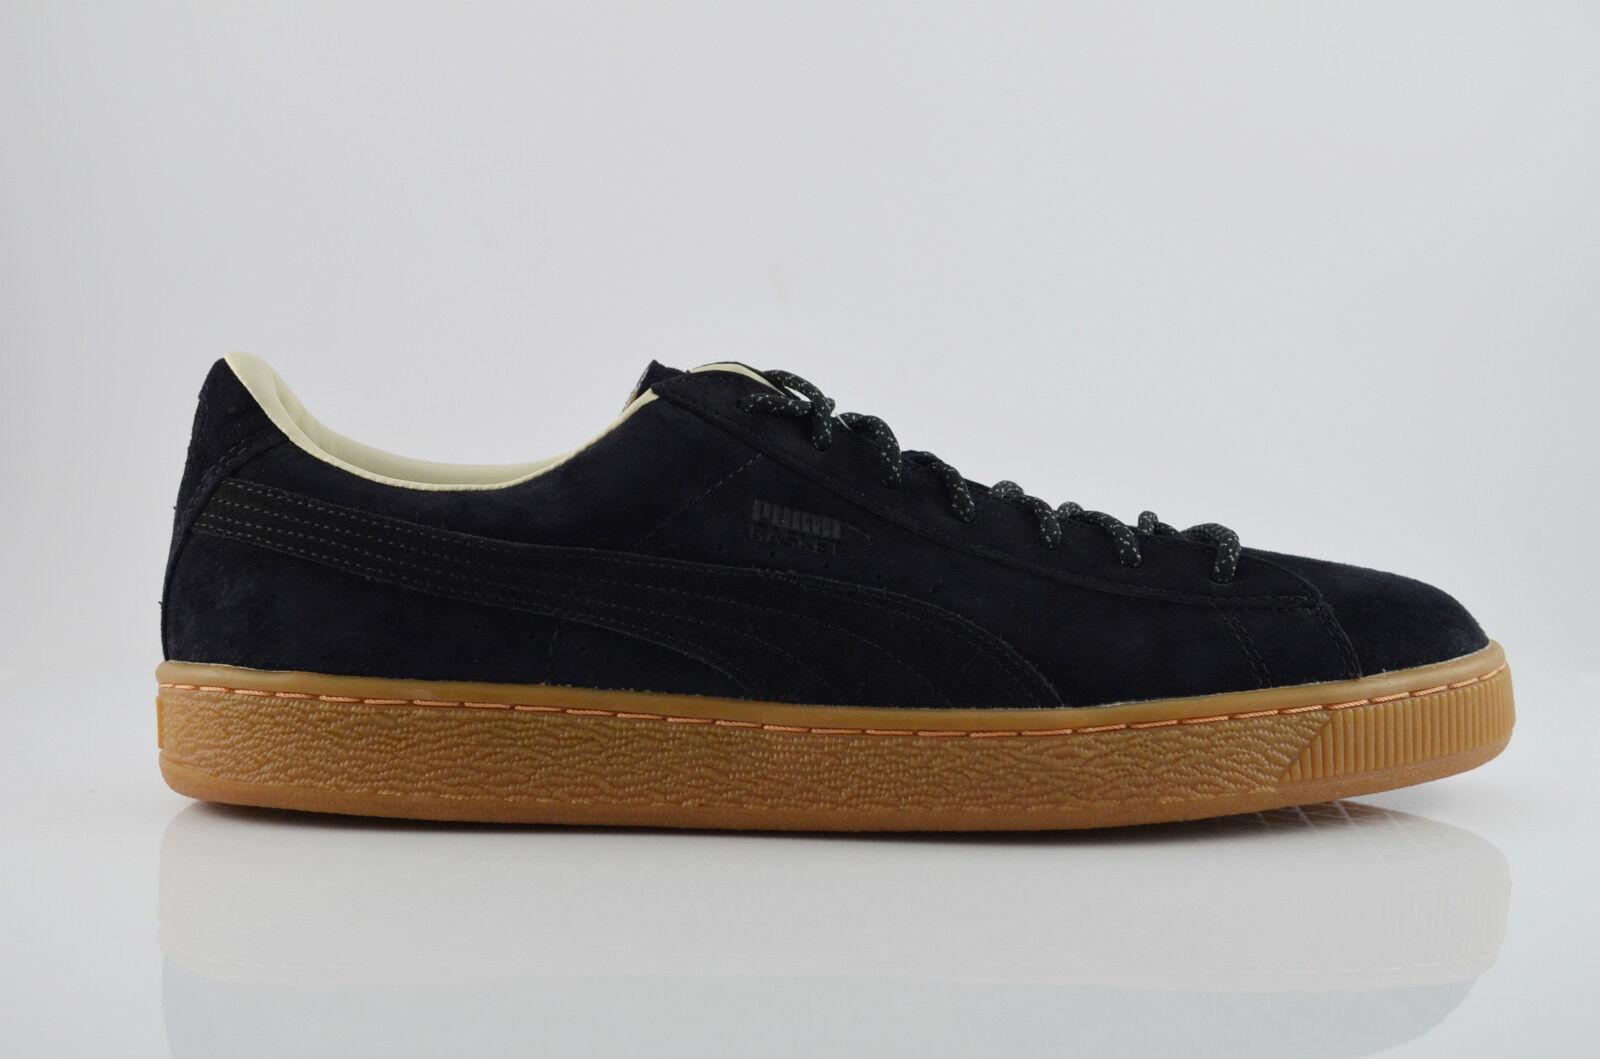 PUMA BASKET WINTER SN64 Sneaker SIZE 43, 28CM